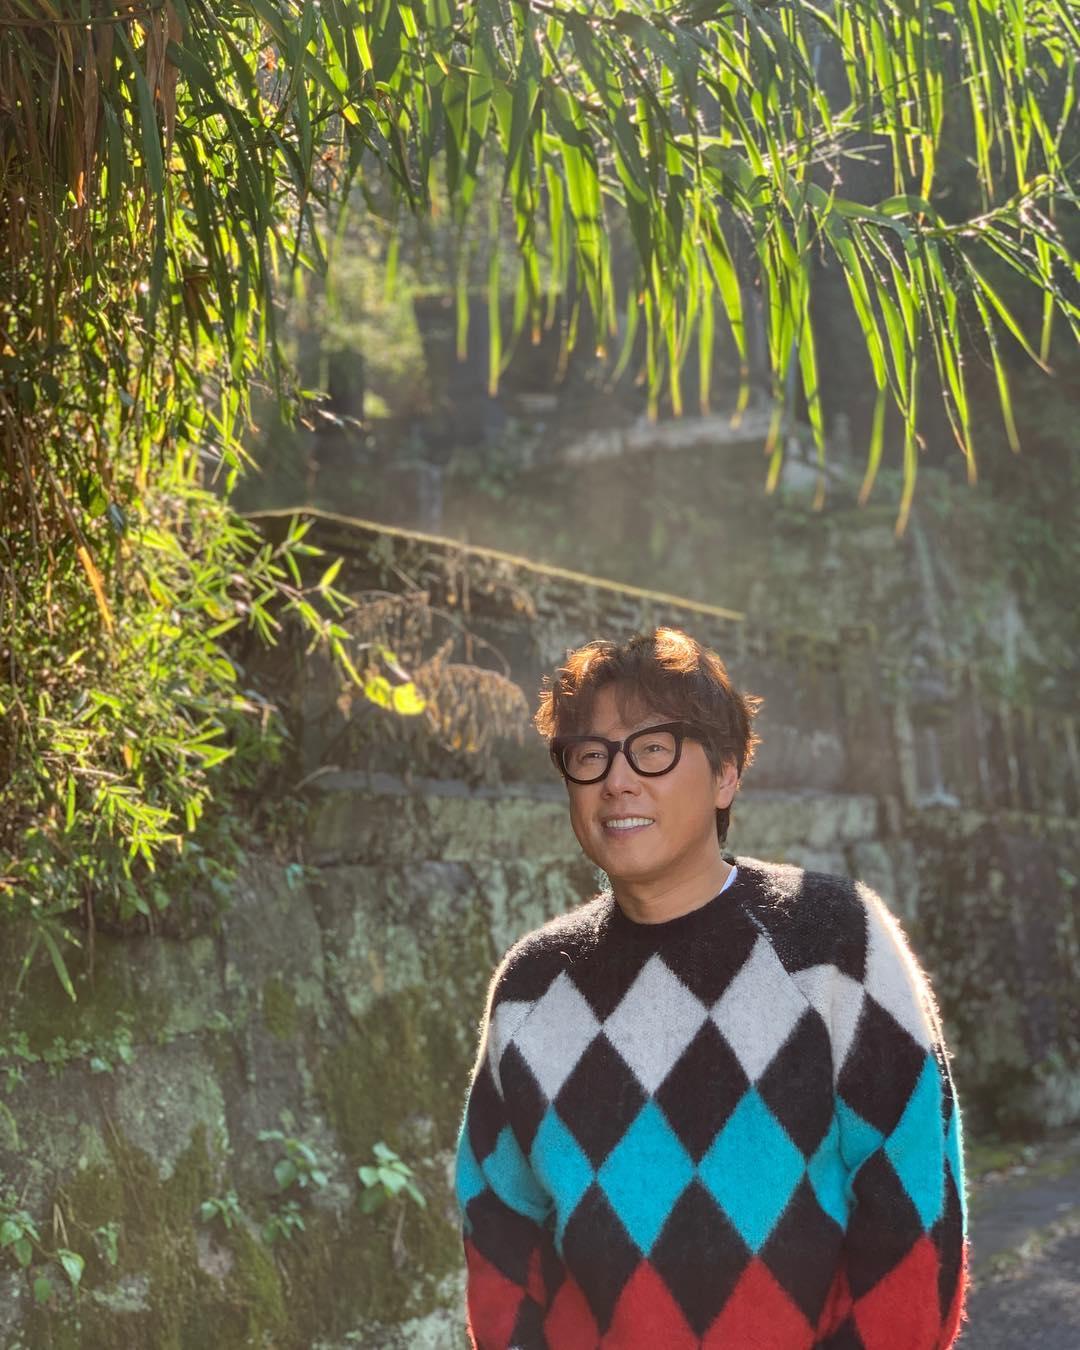 名品抒情曲製作人尹鍾信在Yuotube的全新頻道《脫穀(曲)機 ep01_BTS 第1篇》首播中,表示「已經為了防彈少年團寫好歌」,讓許多粉絲都非常震驚。